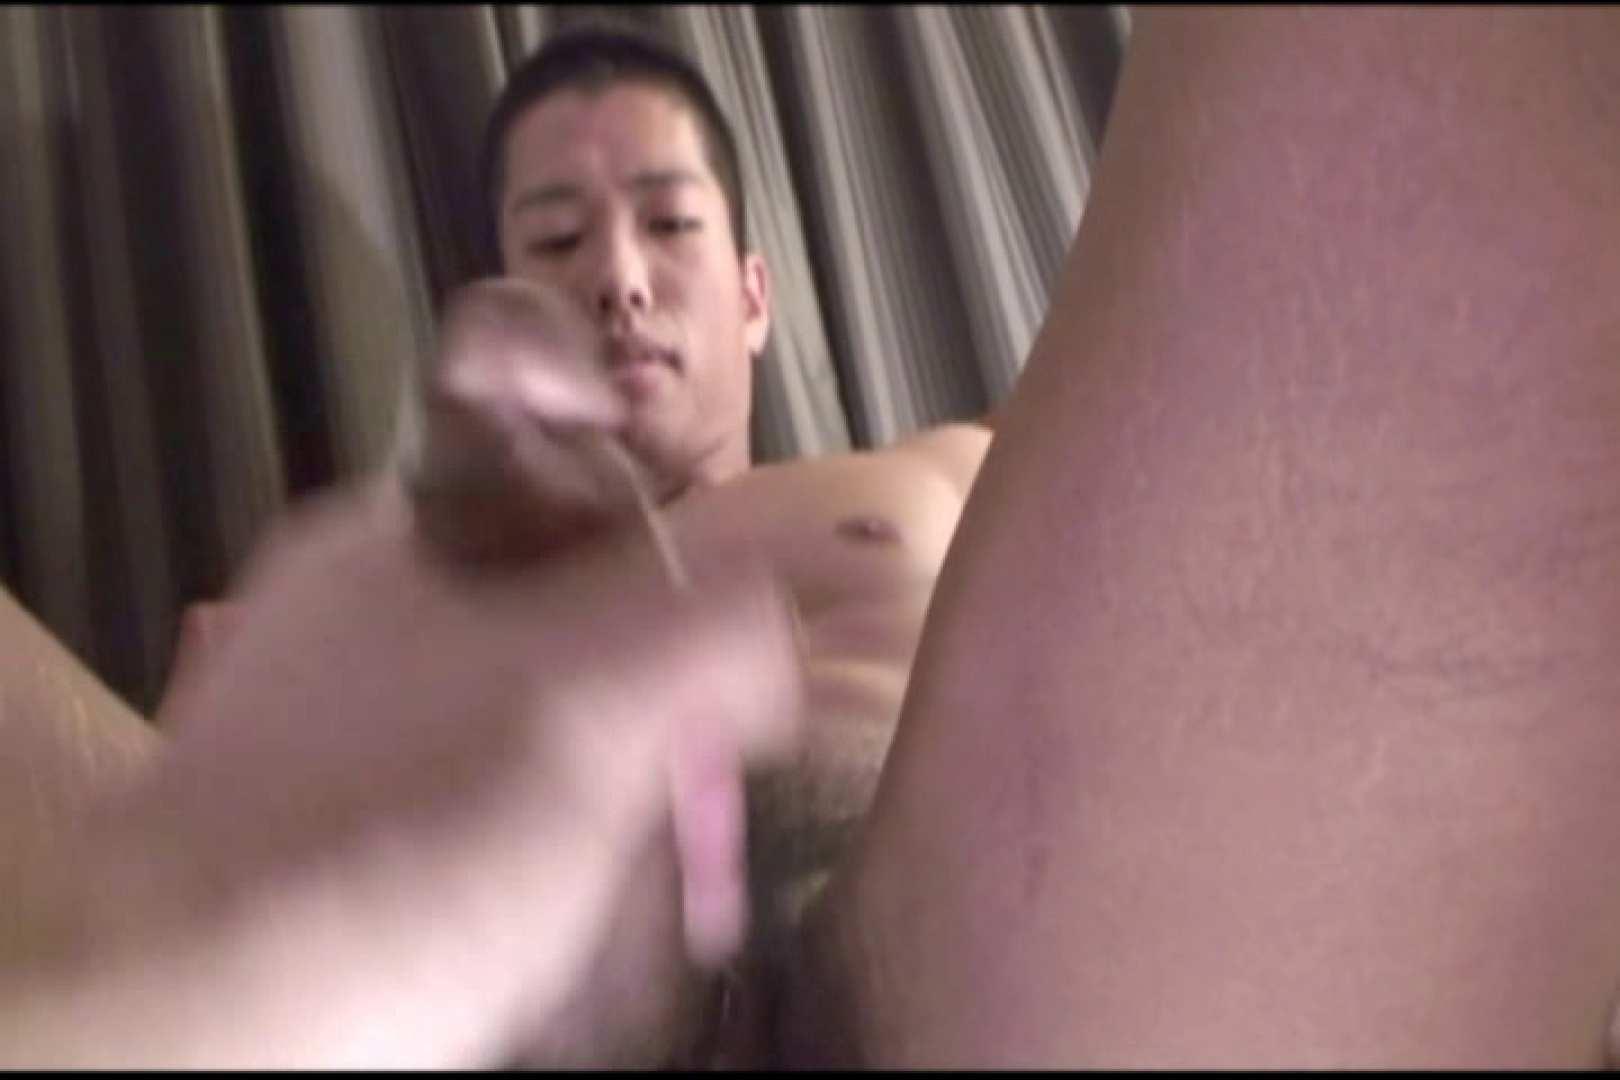 アヘ顔が最高!アナル中毒VOL.02 男  78pic 58